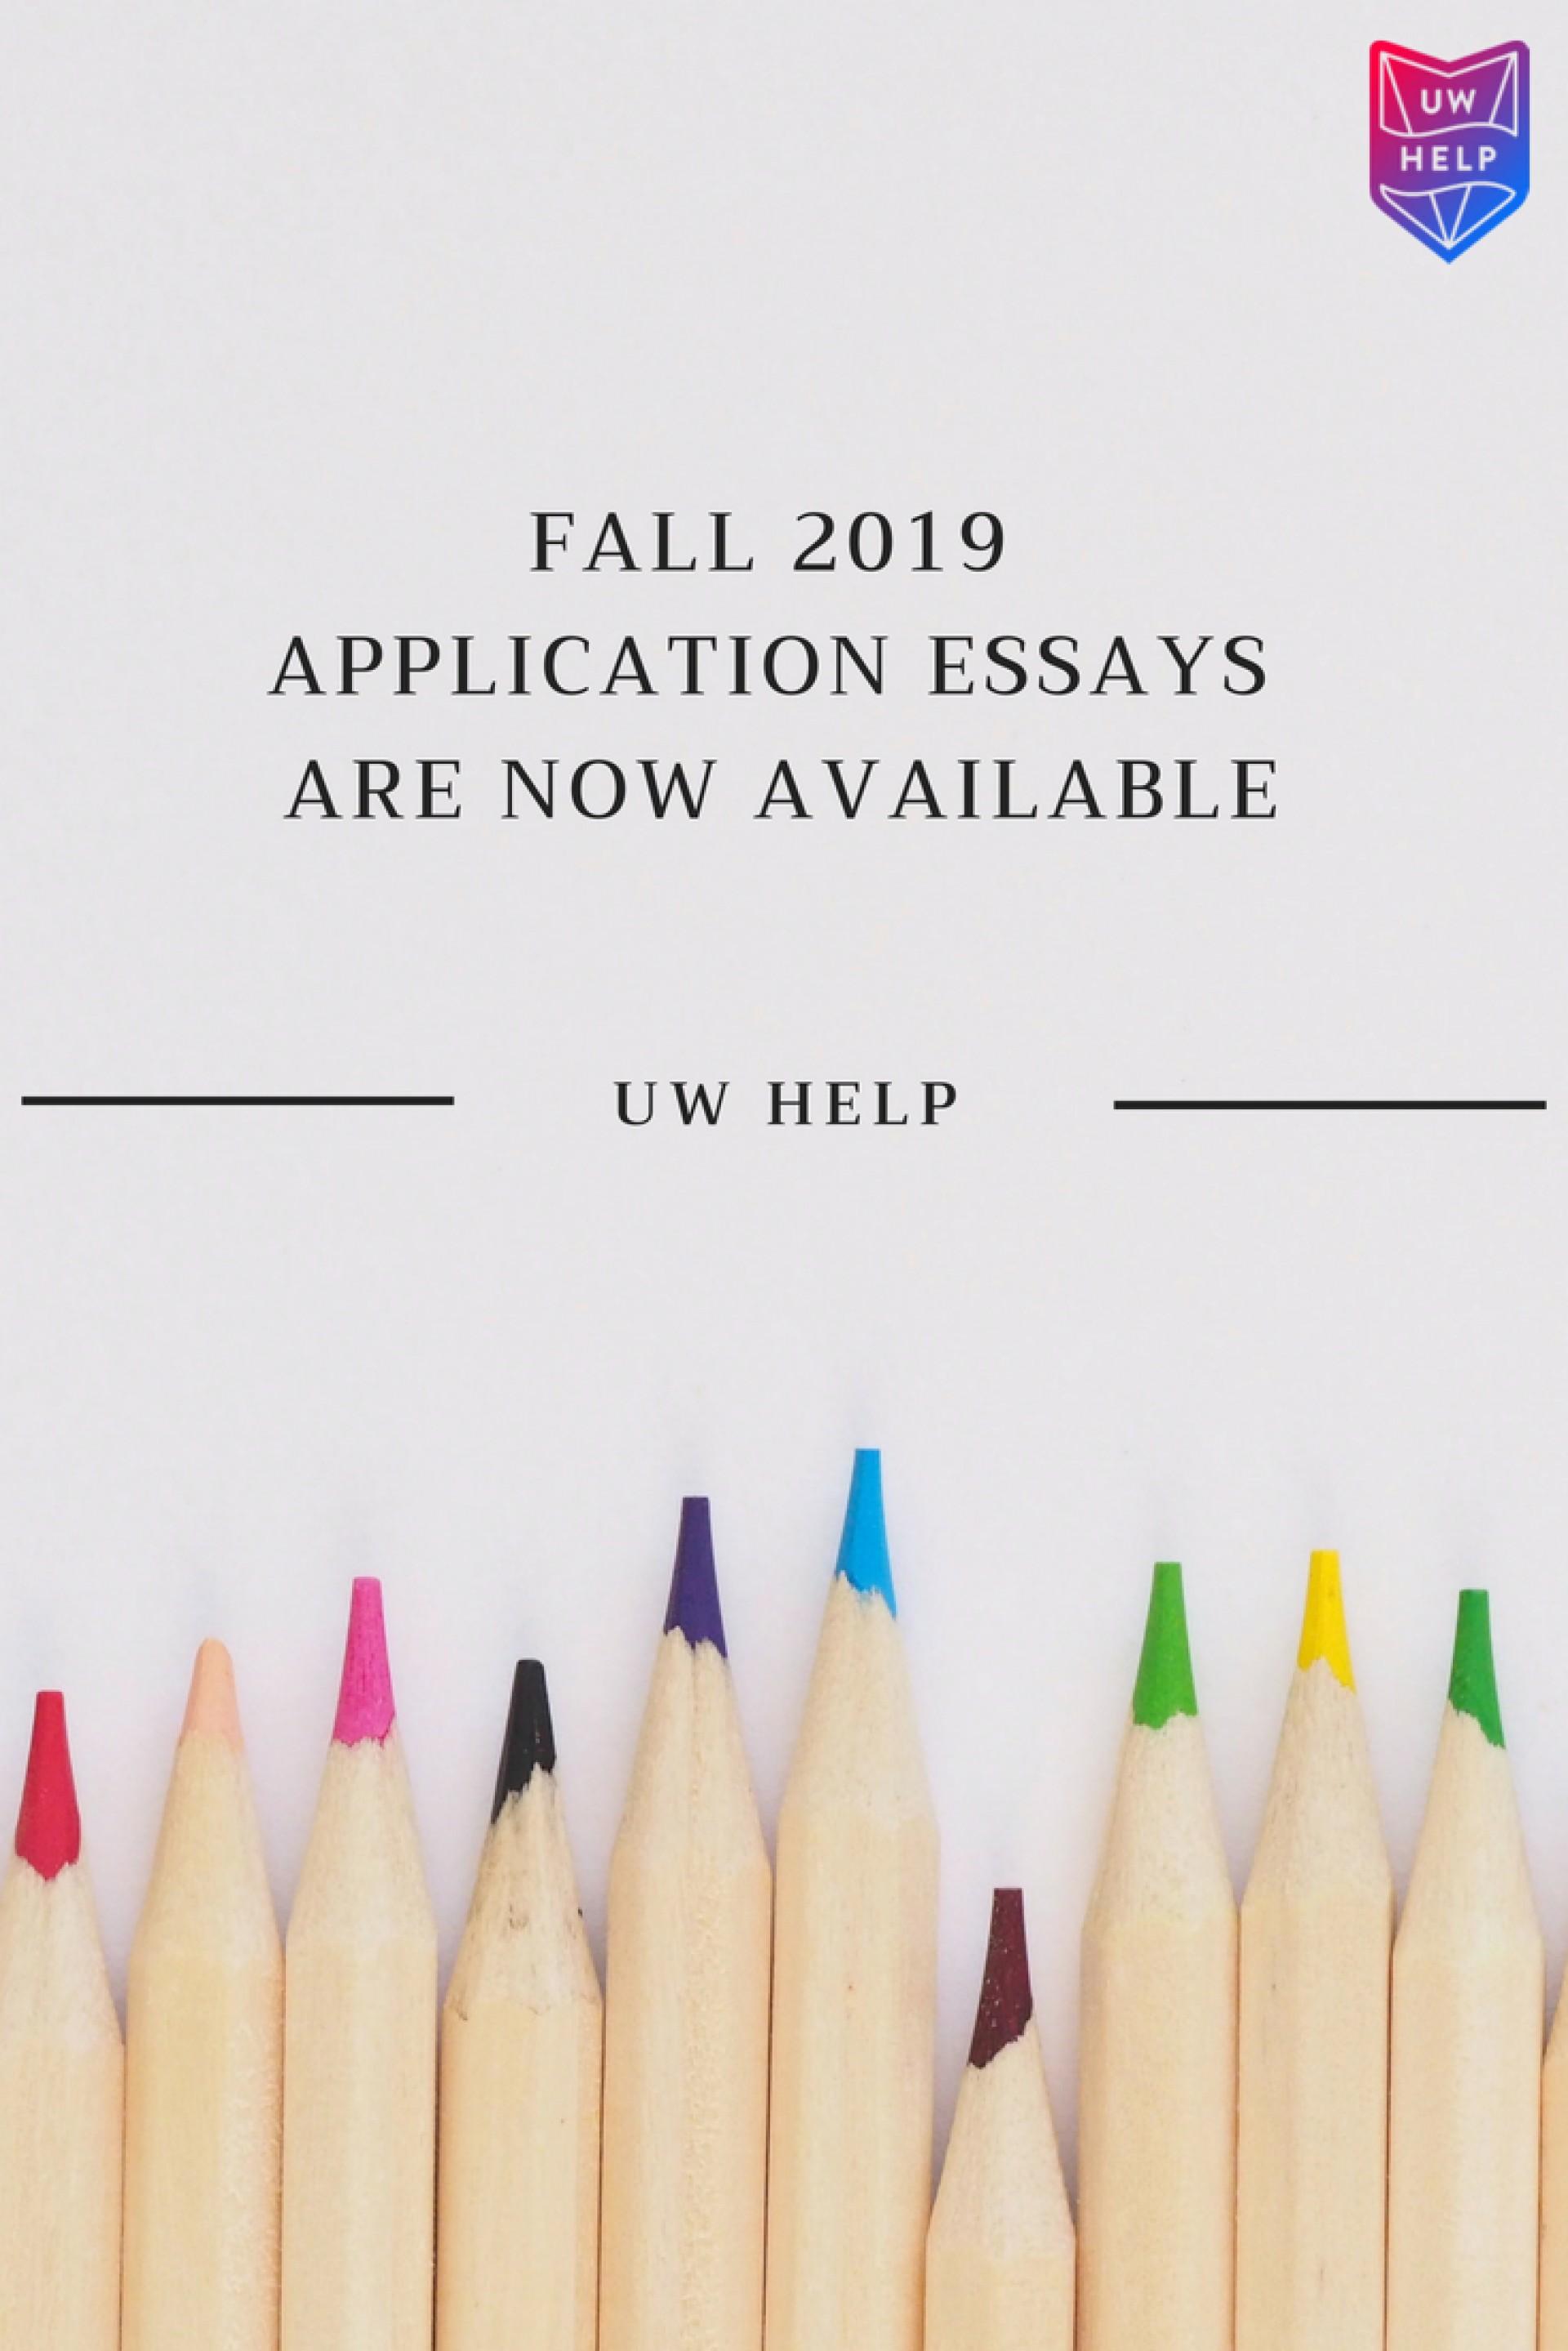 013 Uw Essay Prompt Fascinating La Crosse Prompts University Of Wisconsin 2019 Bothell 1920